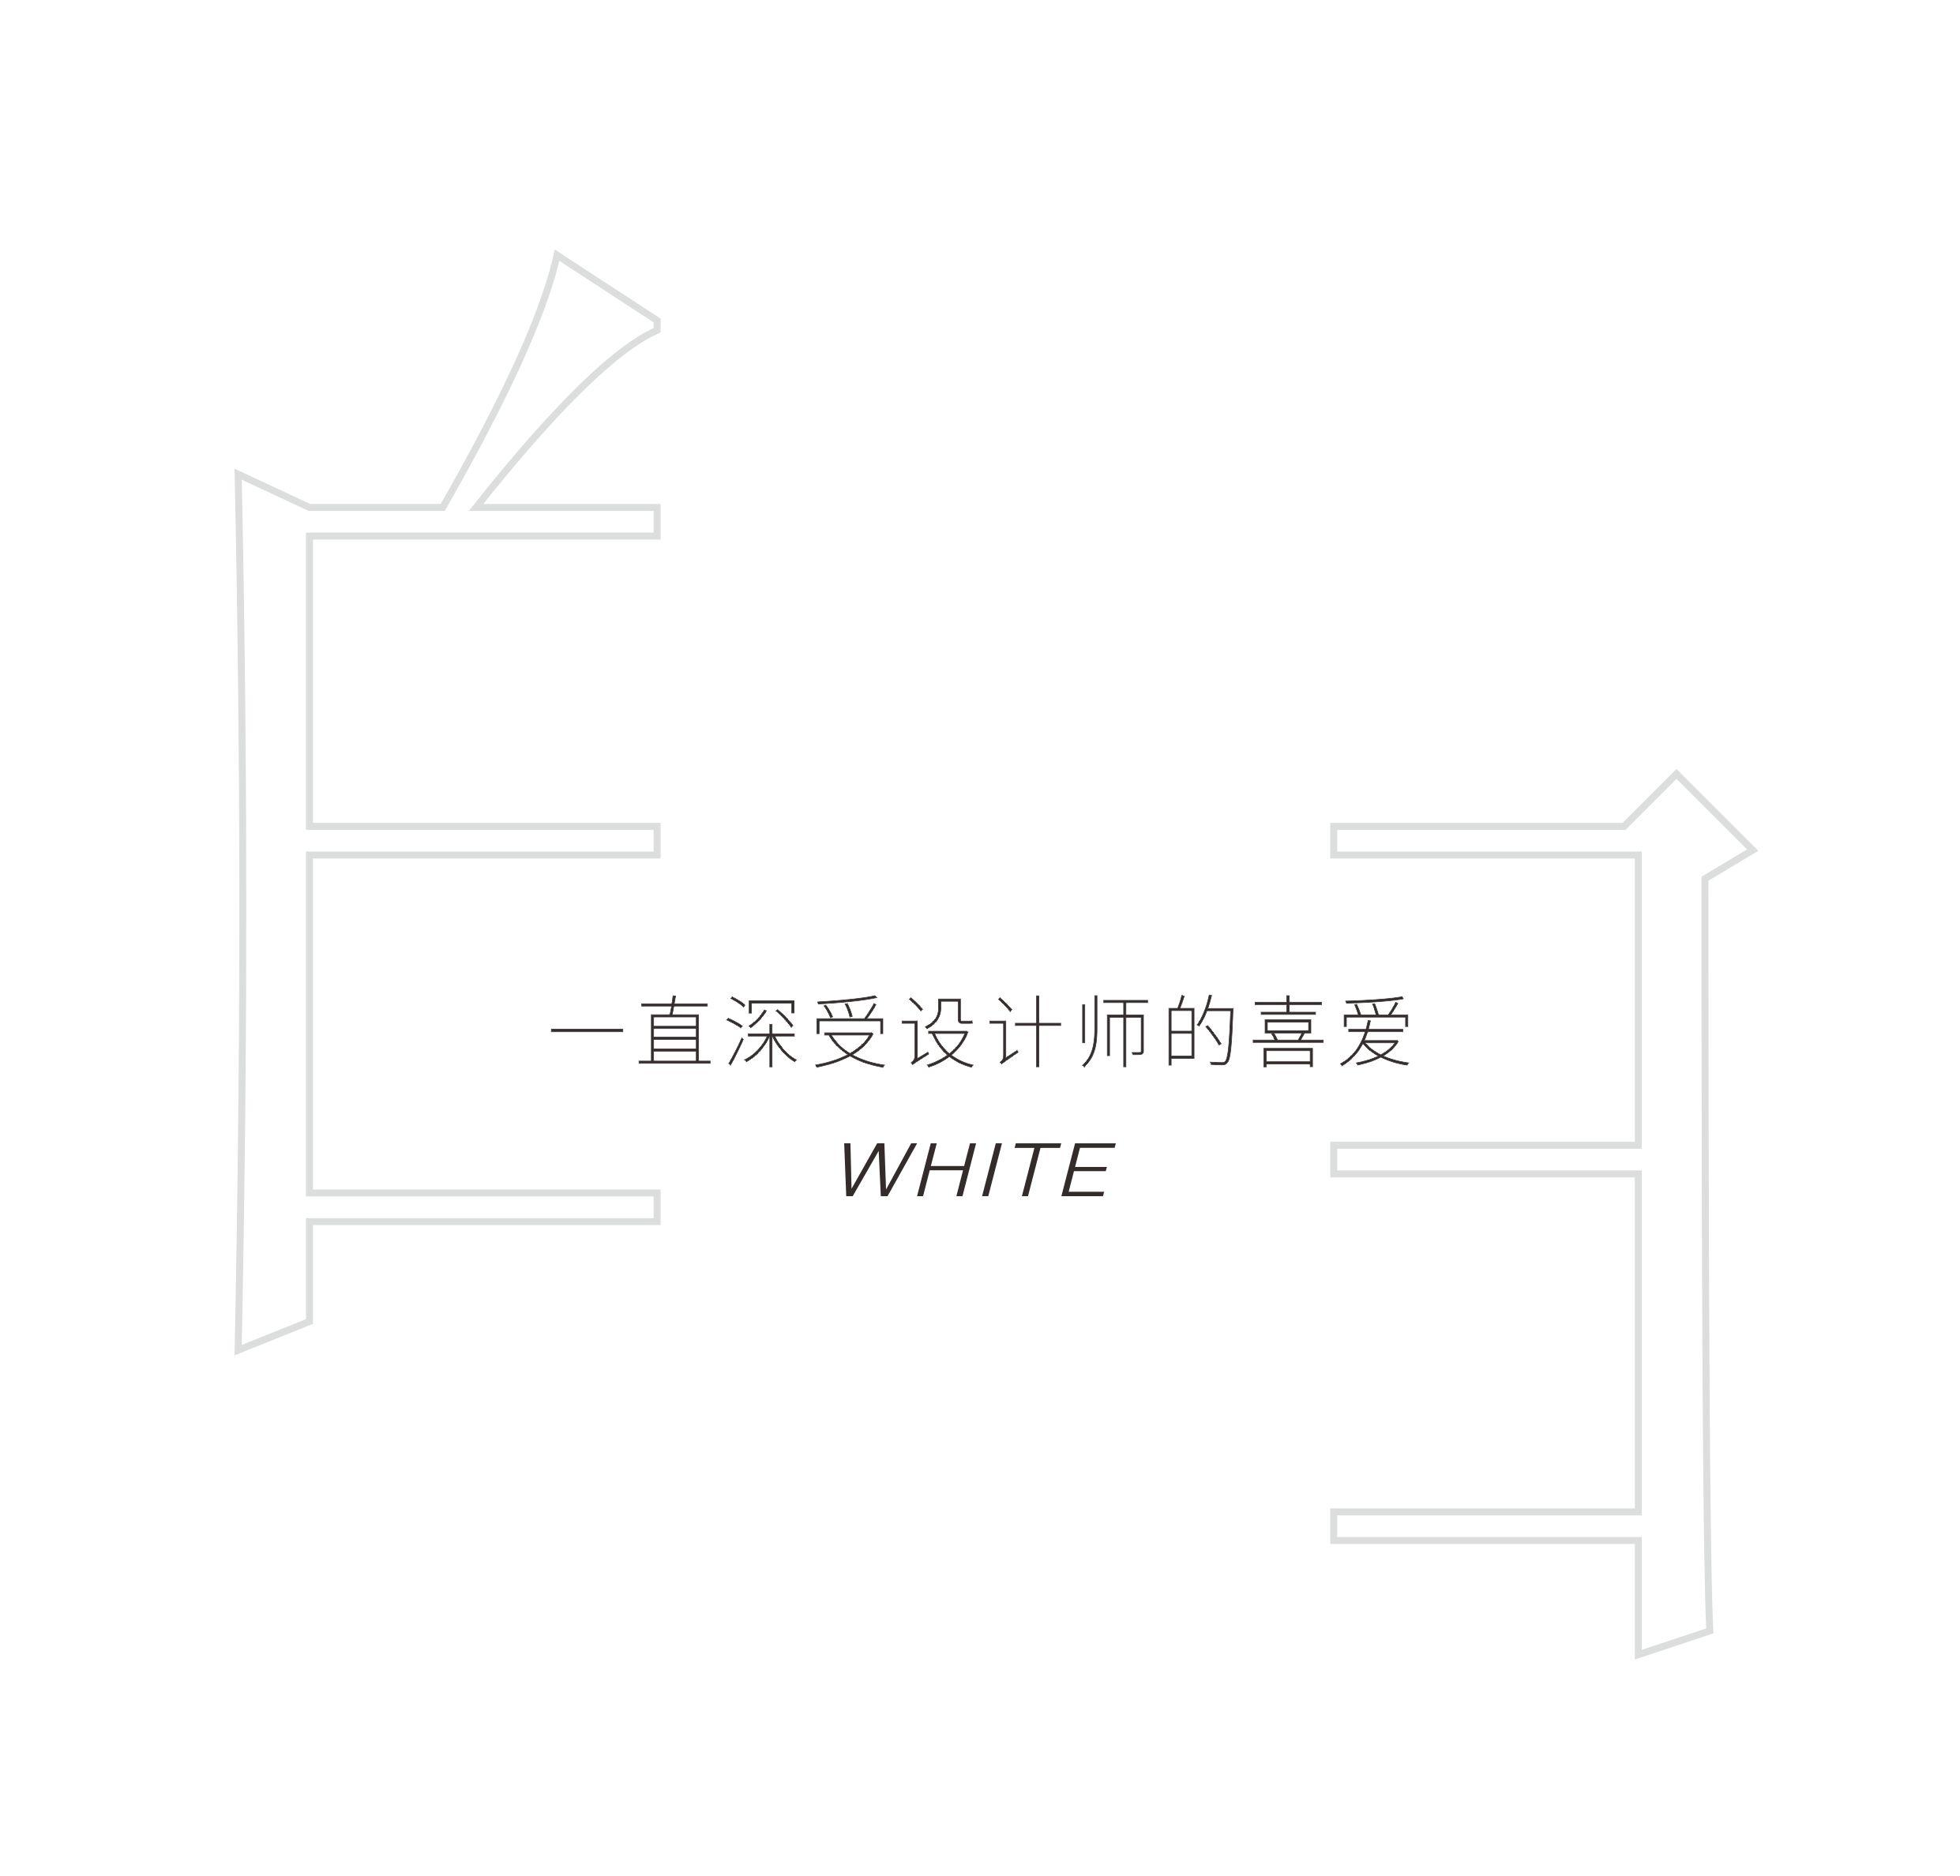 白色大理石万博登陆手机网页版,演绎家居极致魅力